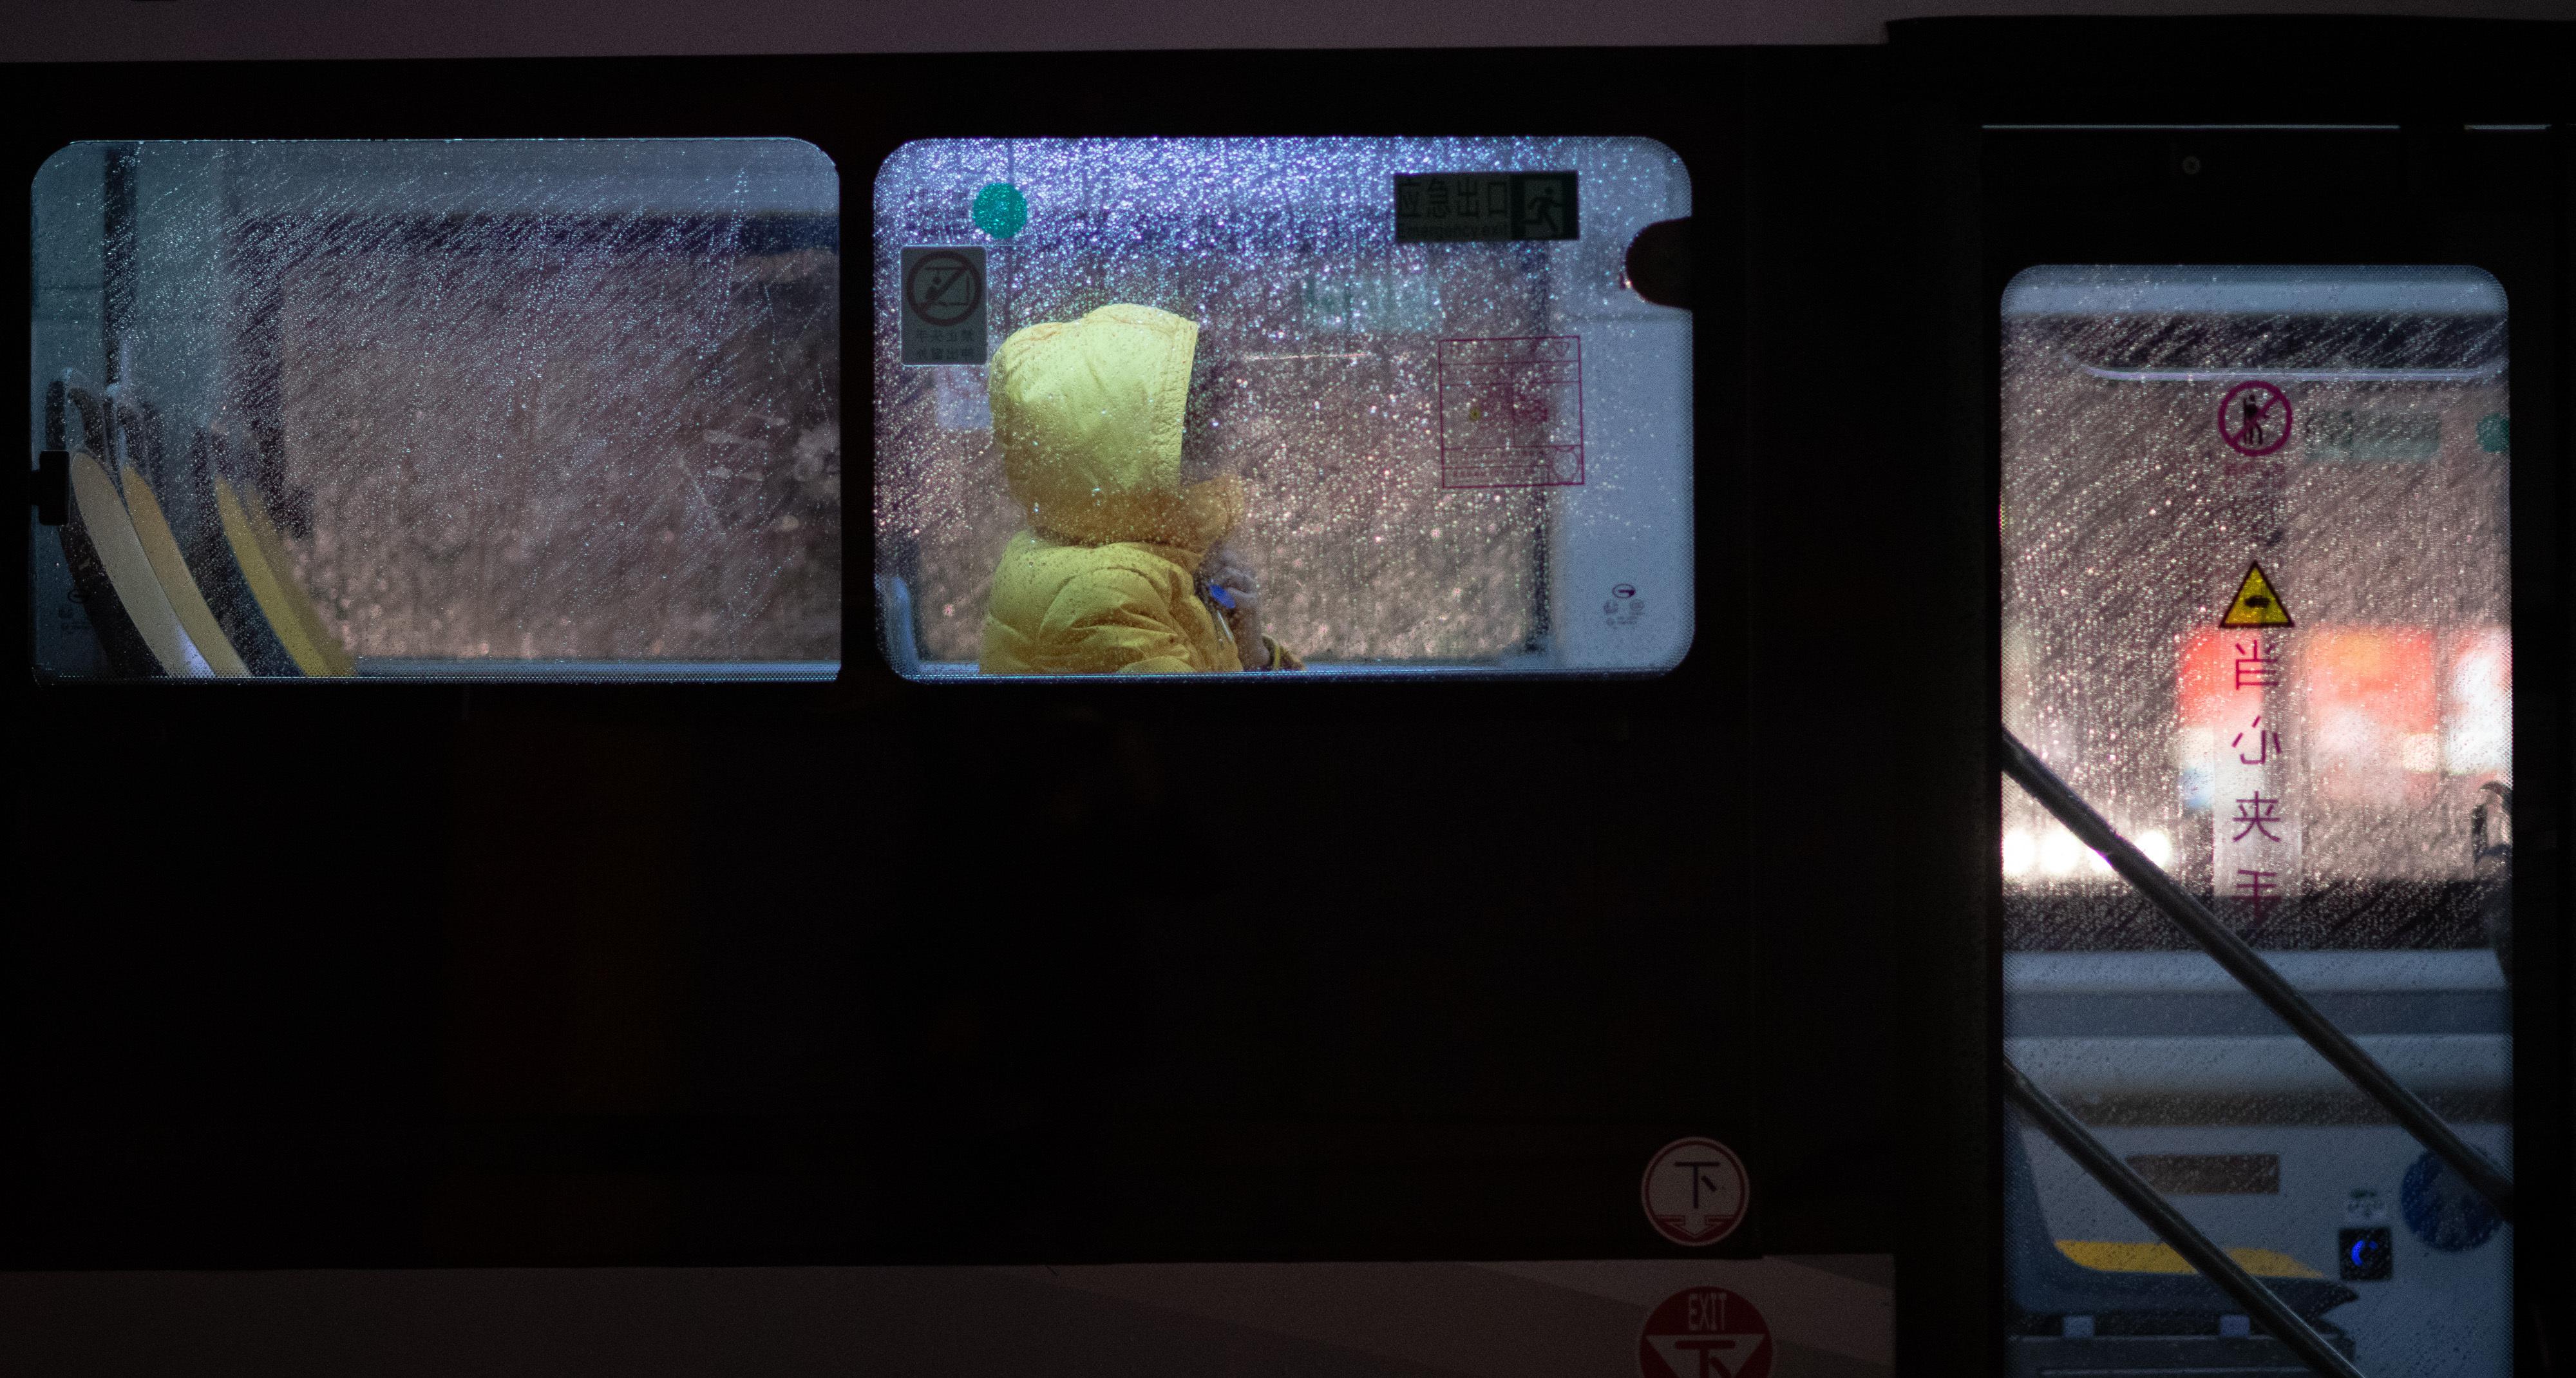 """1月25日,大年初一夜,广州下起了小雨,花城广场关于防范新型冠状病街上行人稀少,大多戴上了口罩,行色匆匆。公交、地铁、的士几近空车,""""花城""""俨然""""空城""""。南方+记者 张梓望 摄影报道"""